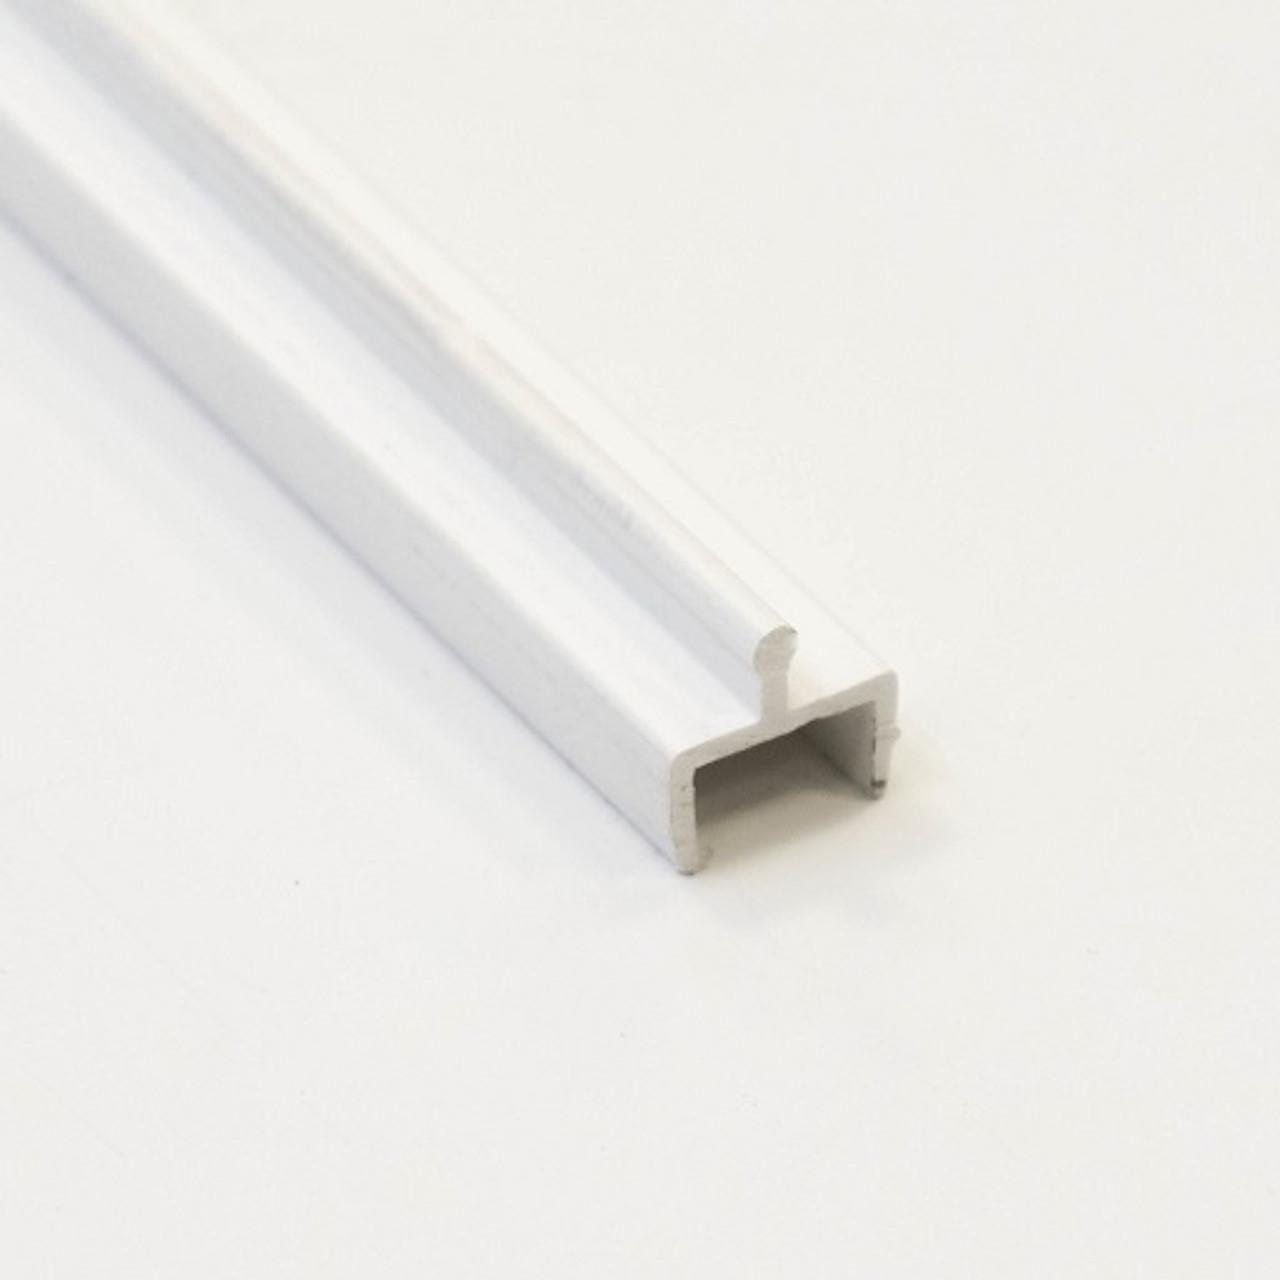 replacement white vinyl screen door track 1 2 wide x 5 8 high